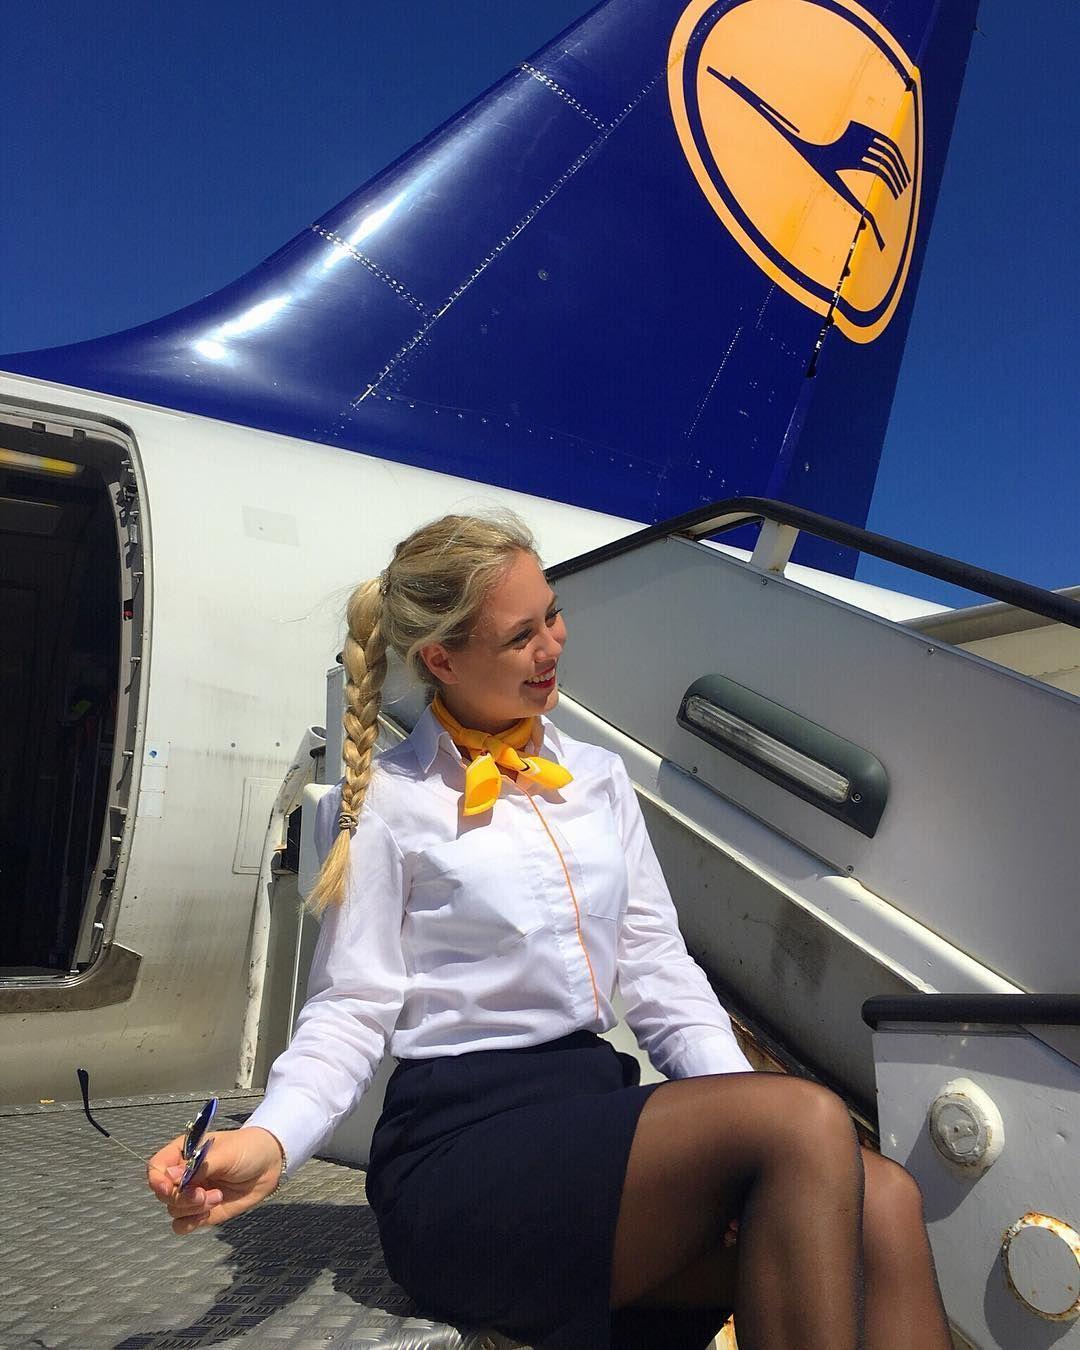 kuni-styuardesse-v-mini-v-samolete